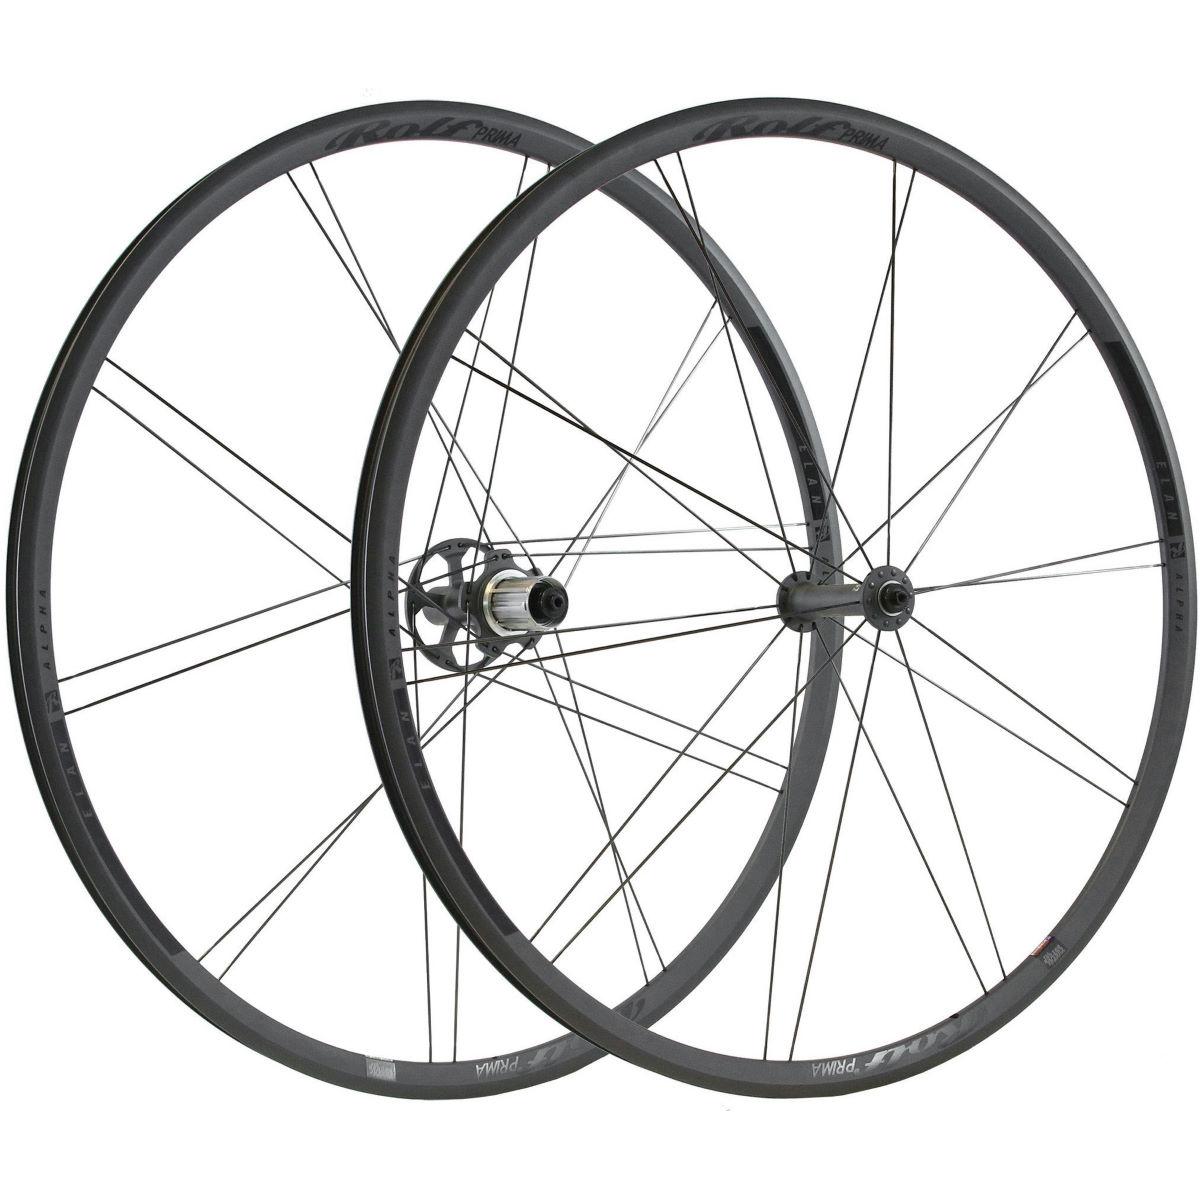 Rolf Prima Elan Alpha Stealth Wheelset Wheel Sets